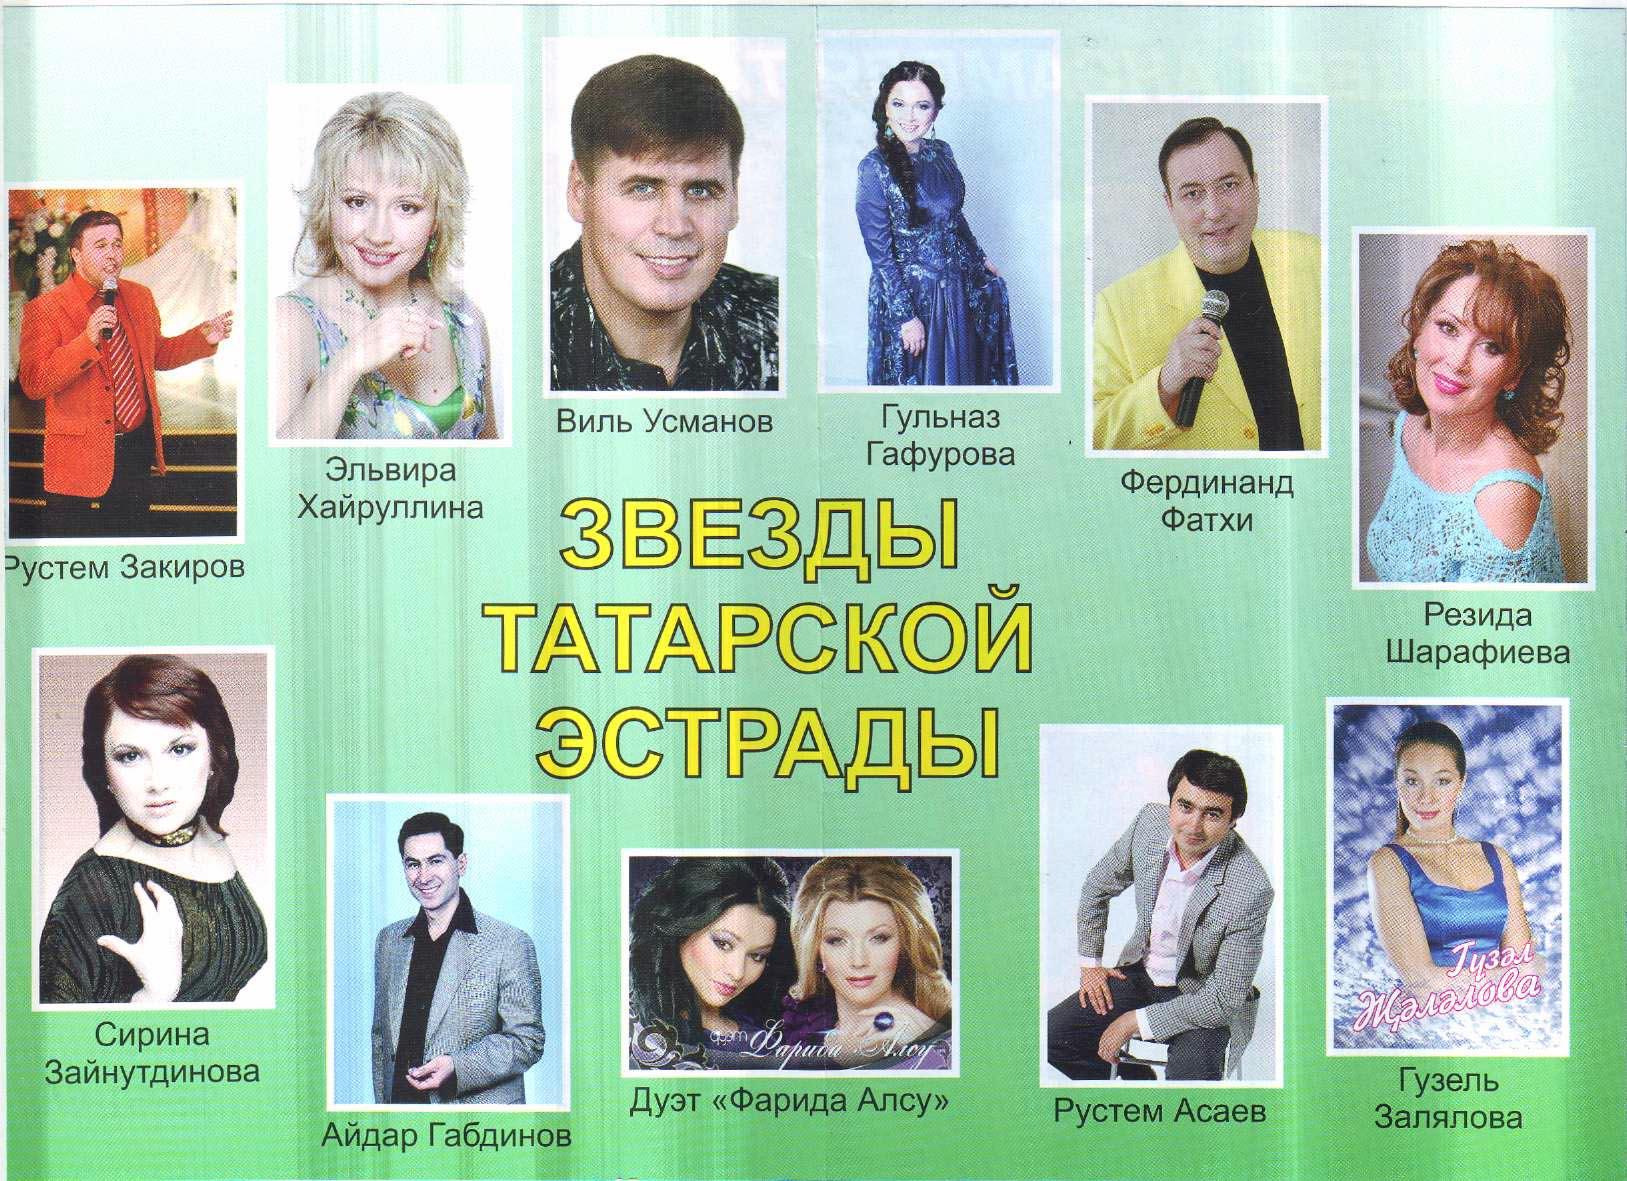 спокойное место певцы татарской эстрады список фото это срочно